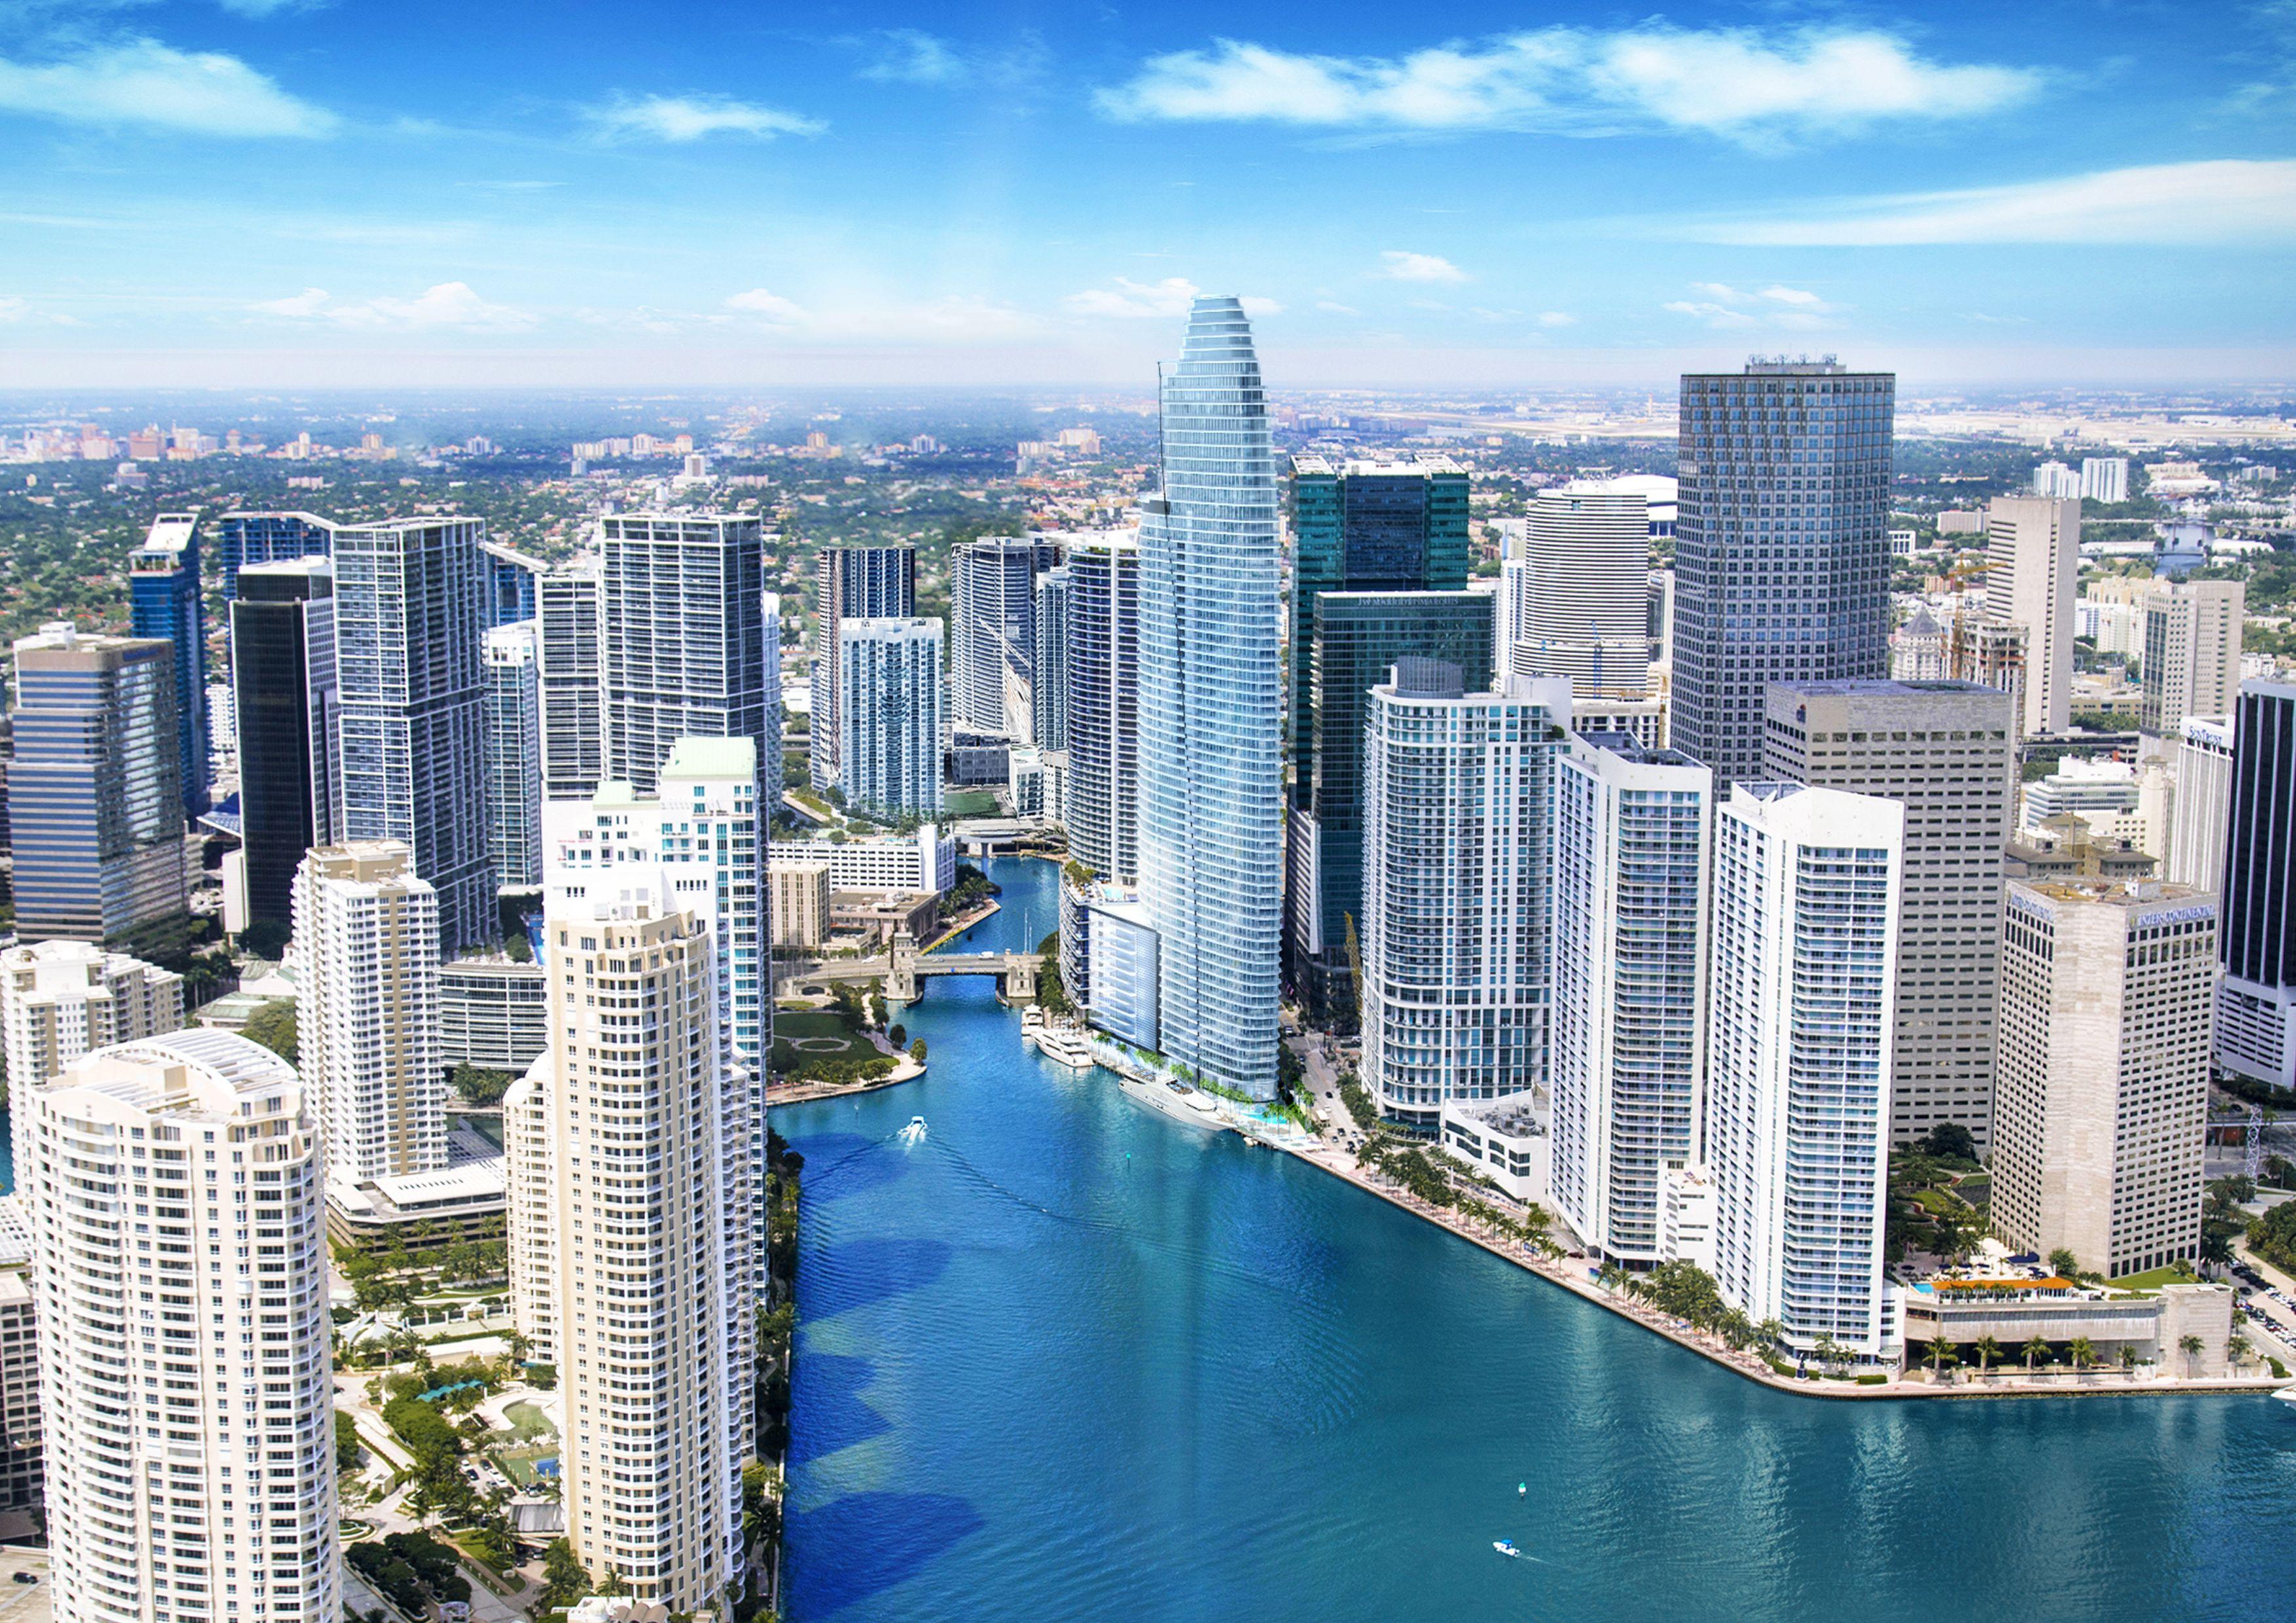 Aston Martin Residences Mia 1013 Apartments Miami Downtown New Construction Penthouse Predio Comercial Imóveis Arquitetura